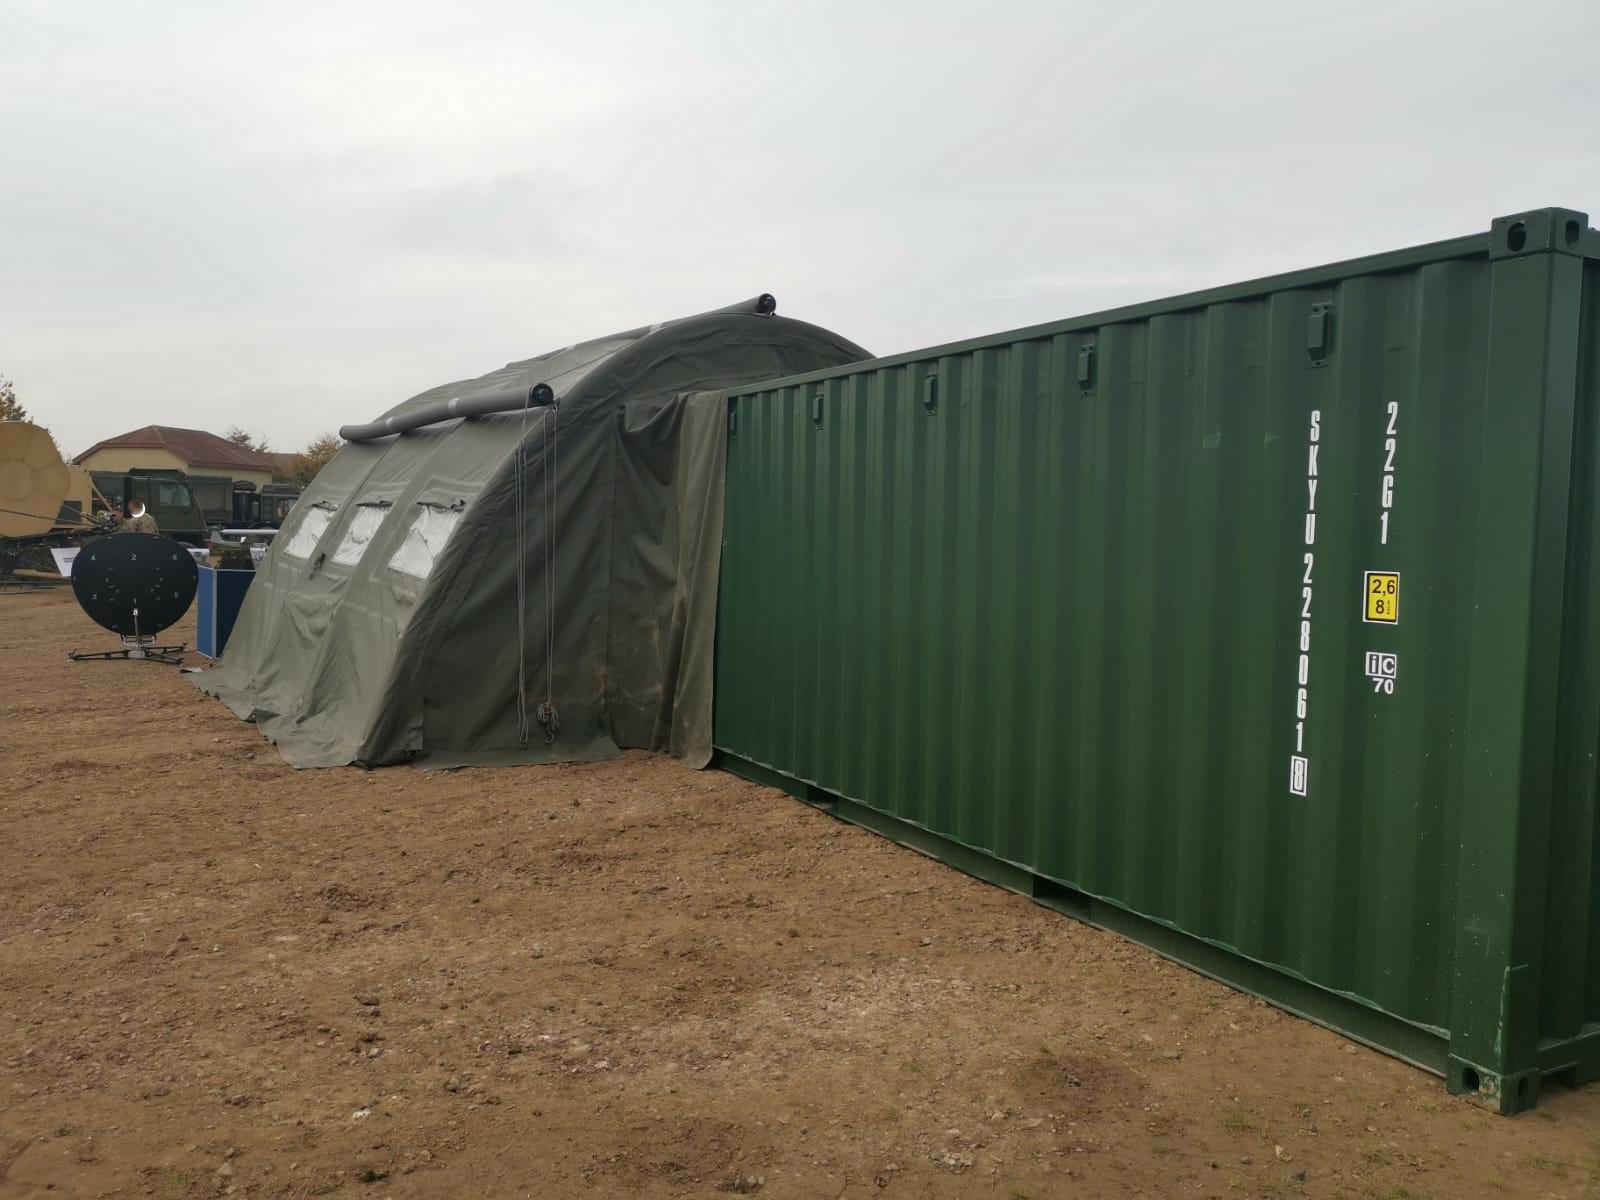 NIXUS PRO Military Tents on Manoeuvres 2